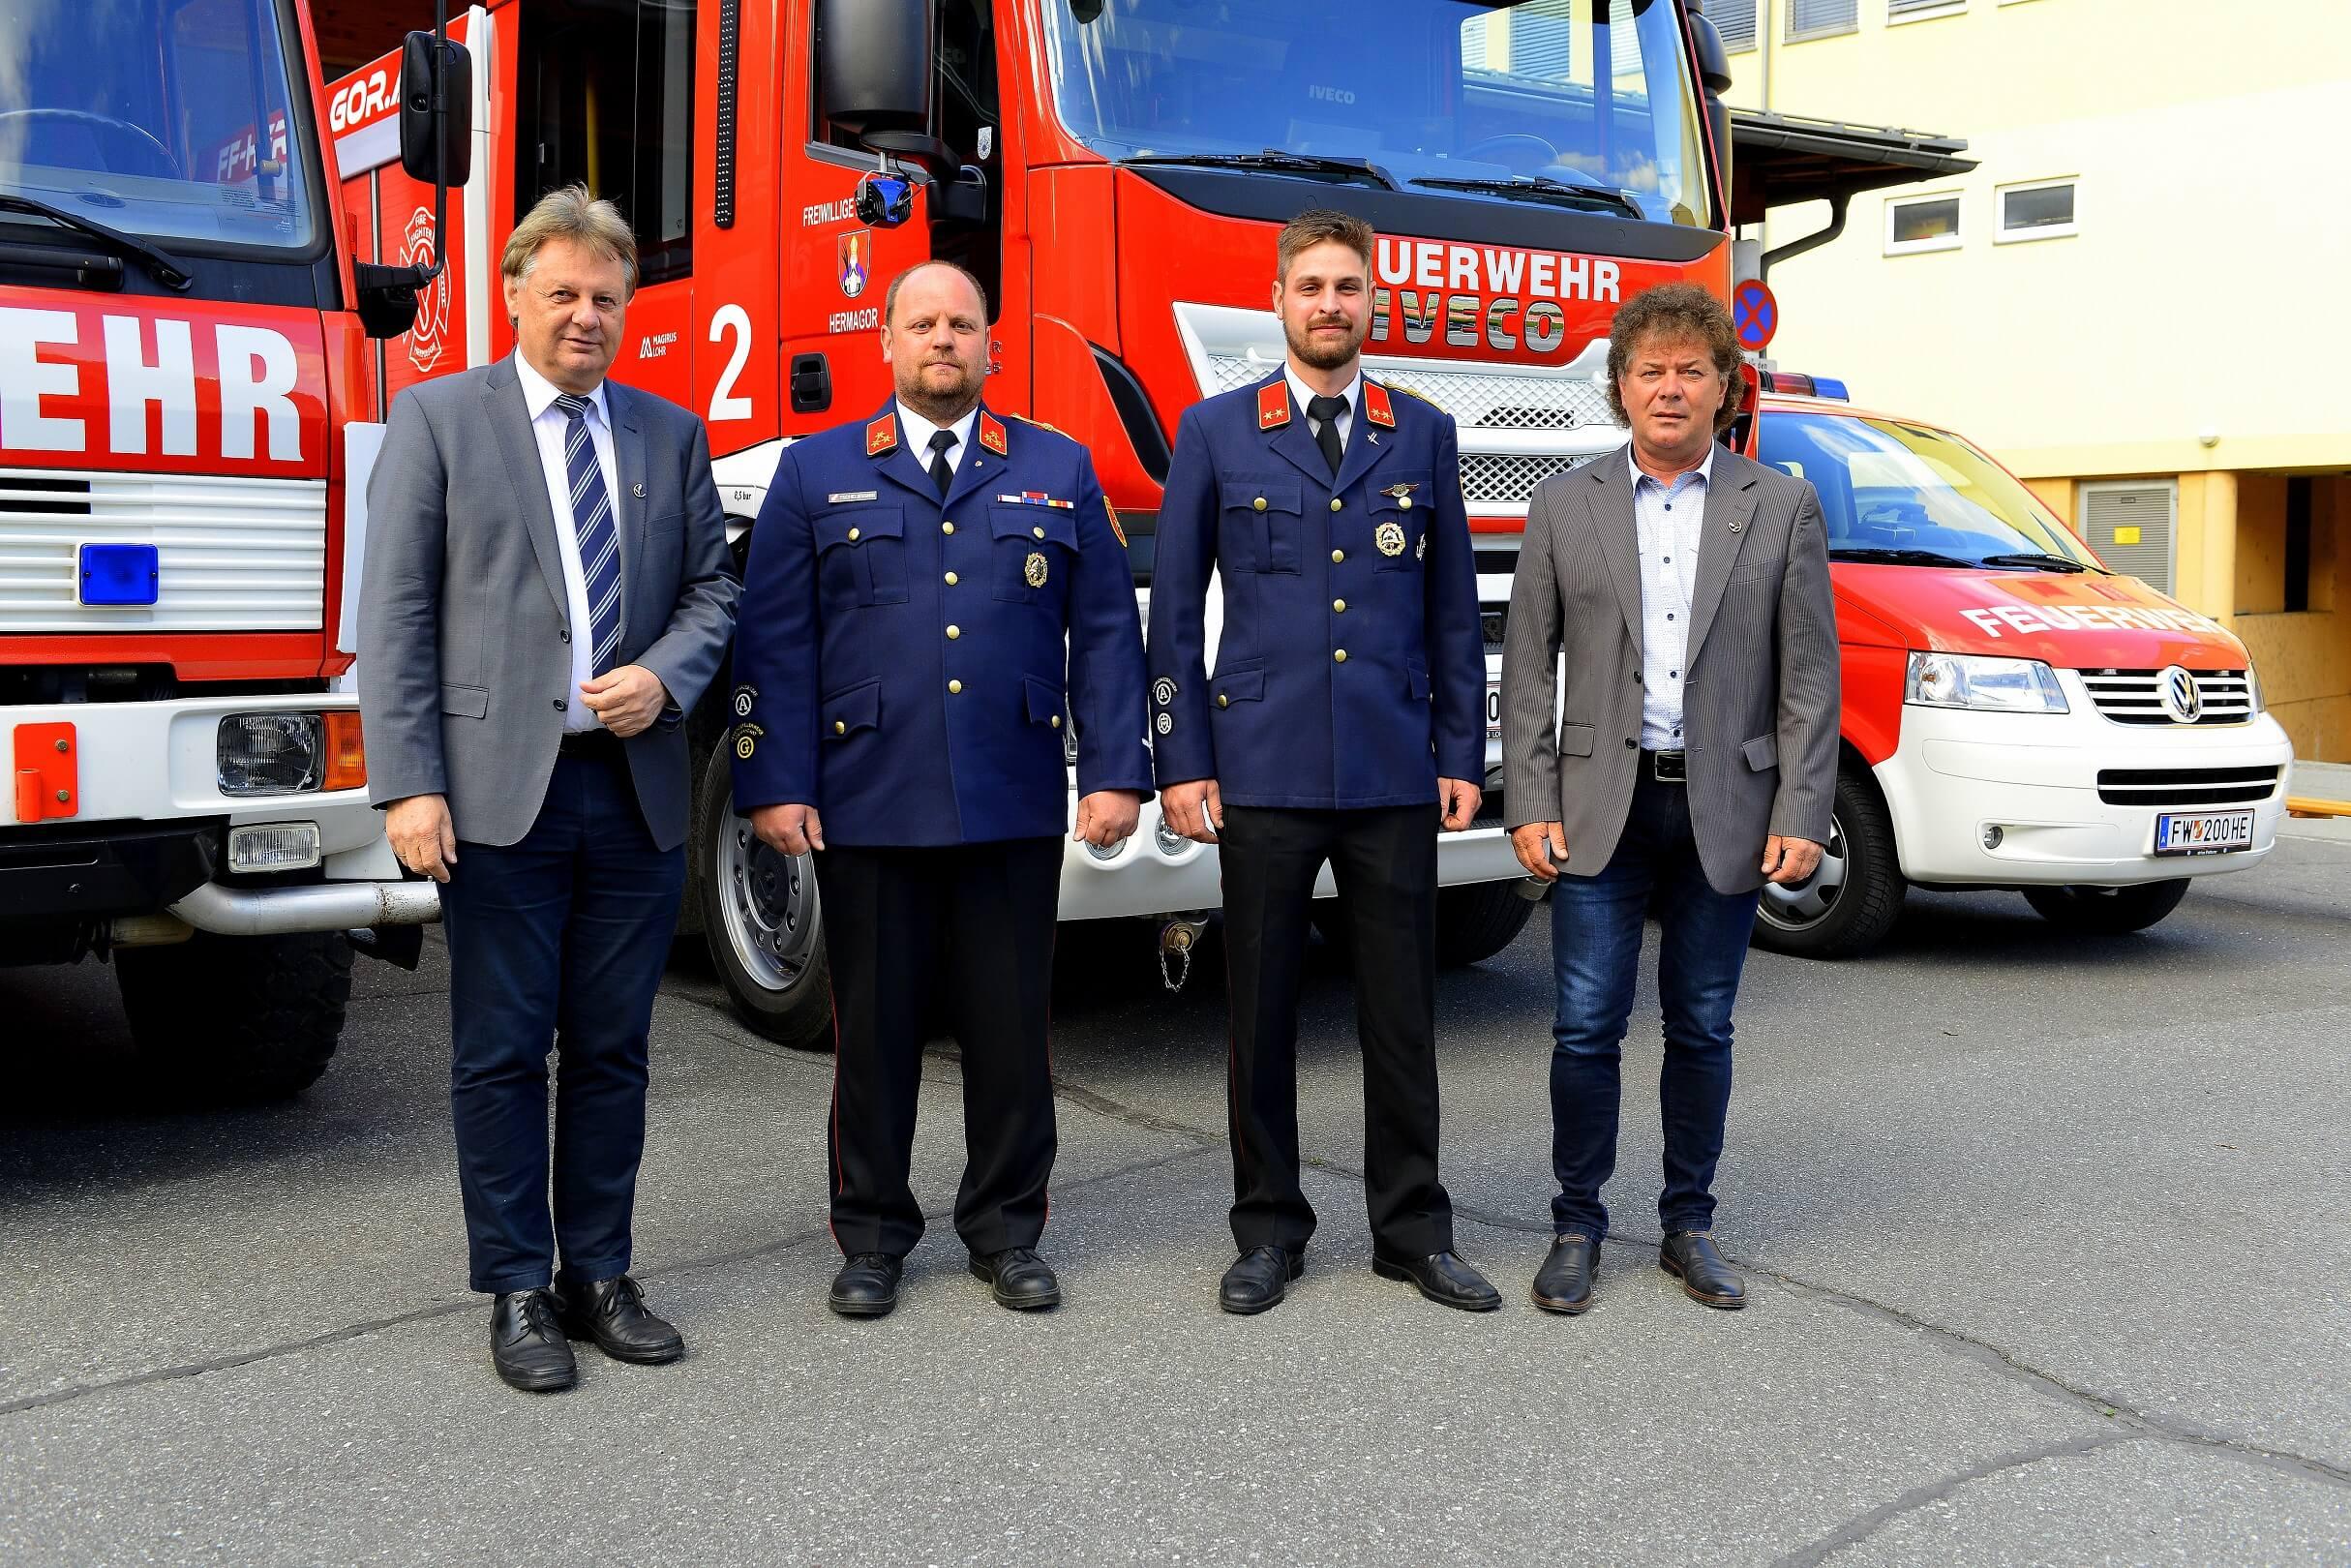 ©Hans Jost | Bgm. DI Leopold Astner, GFK Bernhard Tscheließnig, GFK-Stv. Florian Zimmermann und Vizebgm. Günter Pernul